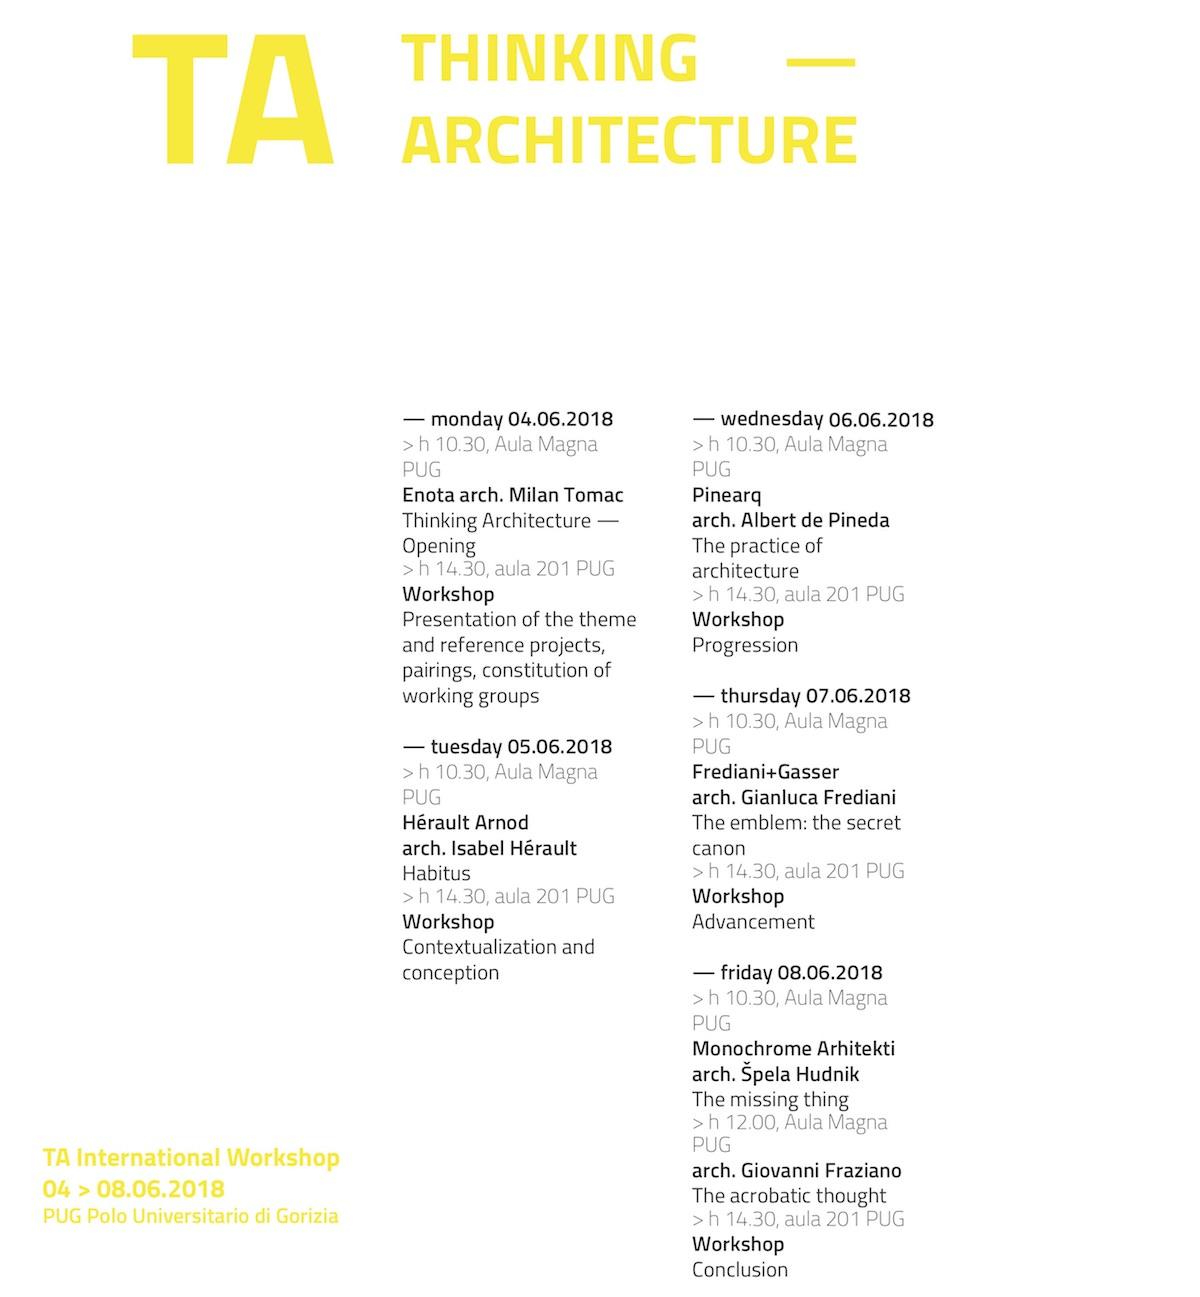 TA 2018 programma